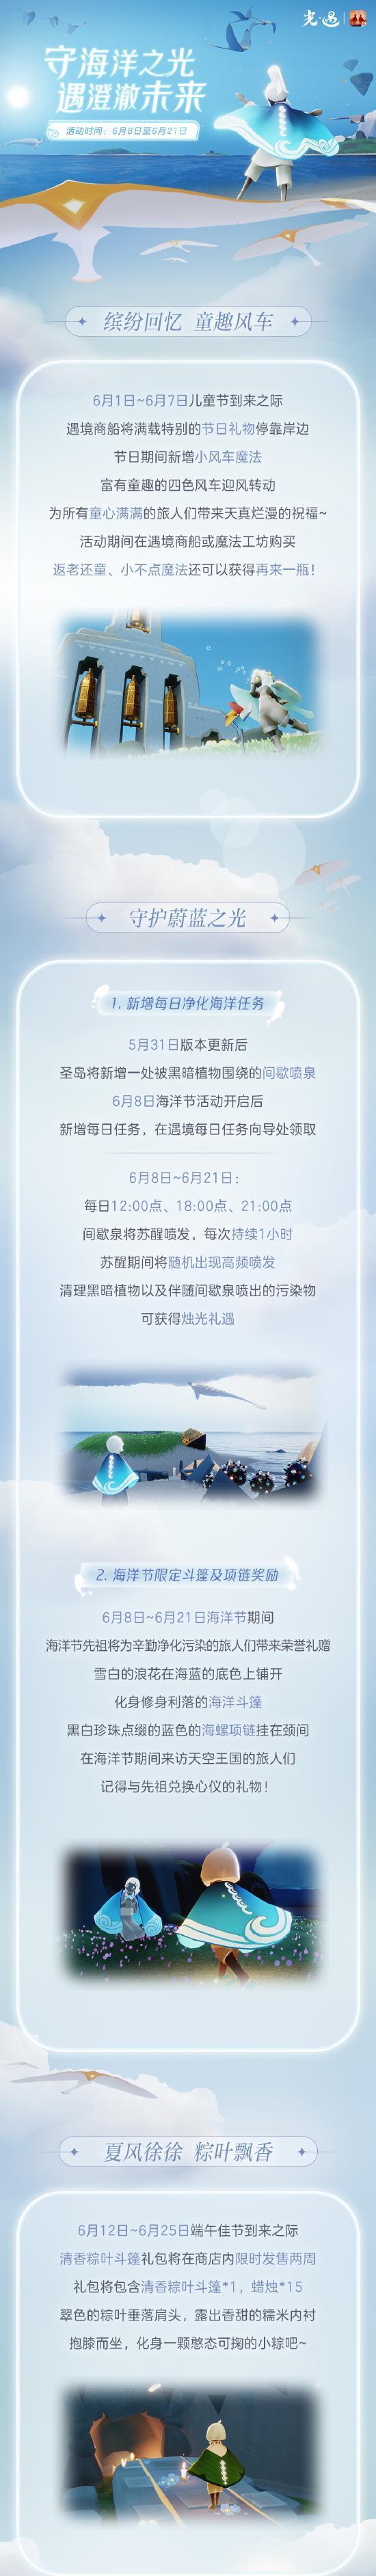 光遇海洋节将于6月8日正式开启!